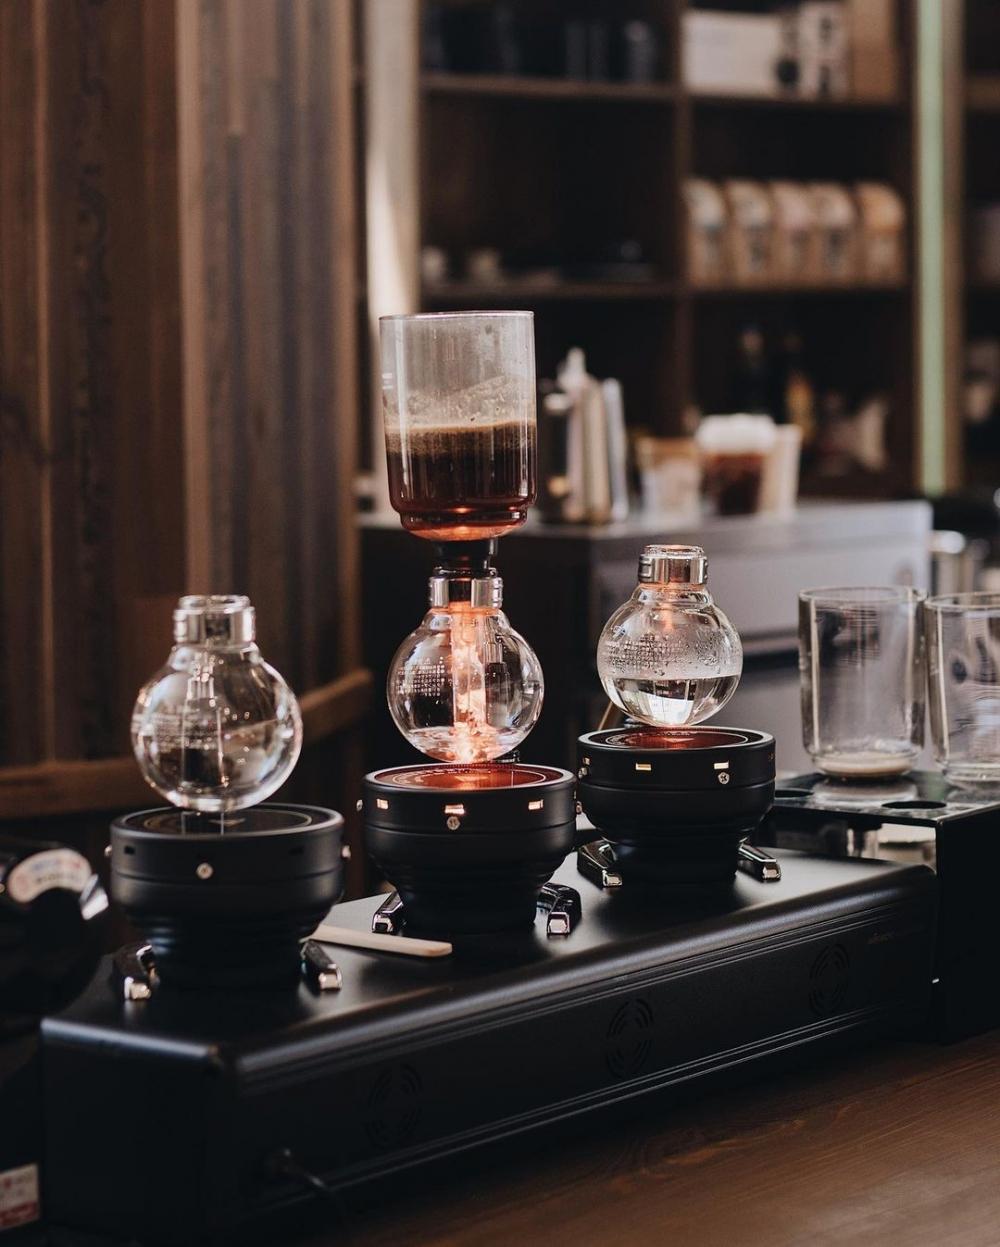 精緻的虹吸器具上,咖啡師優雅如在科學室中實驗著沖煮過程